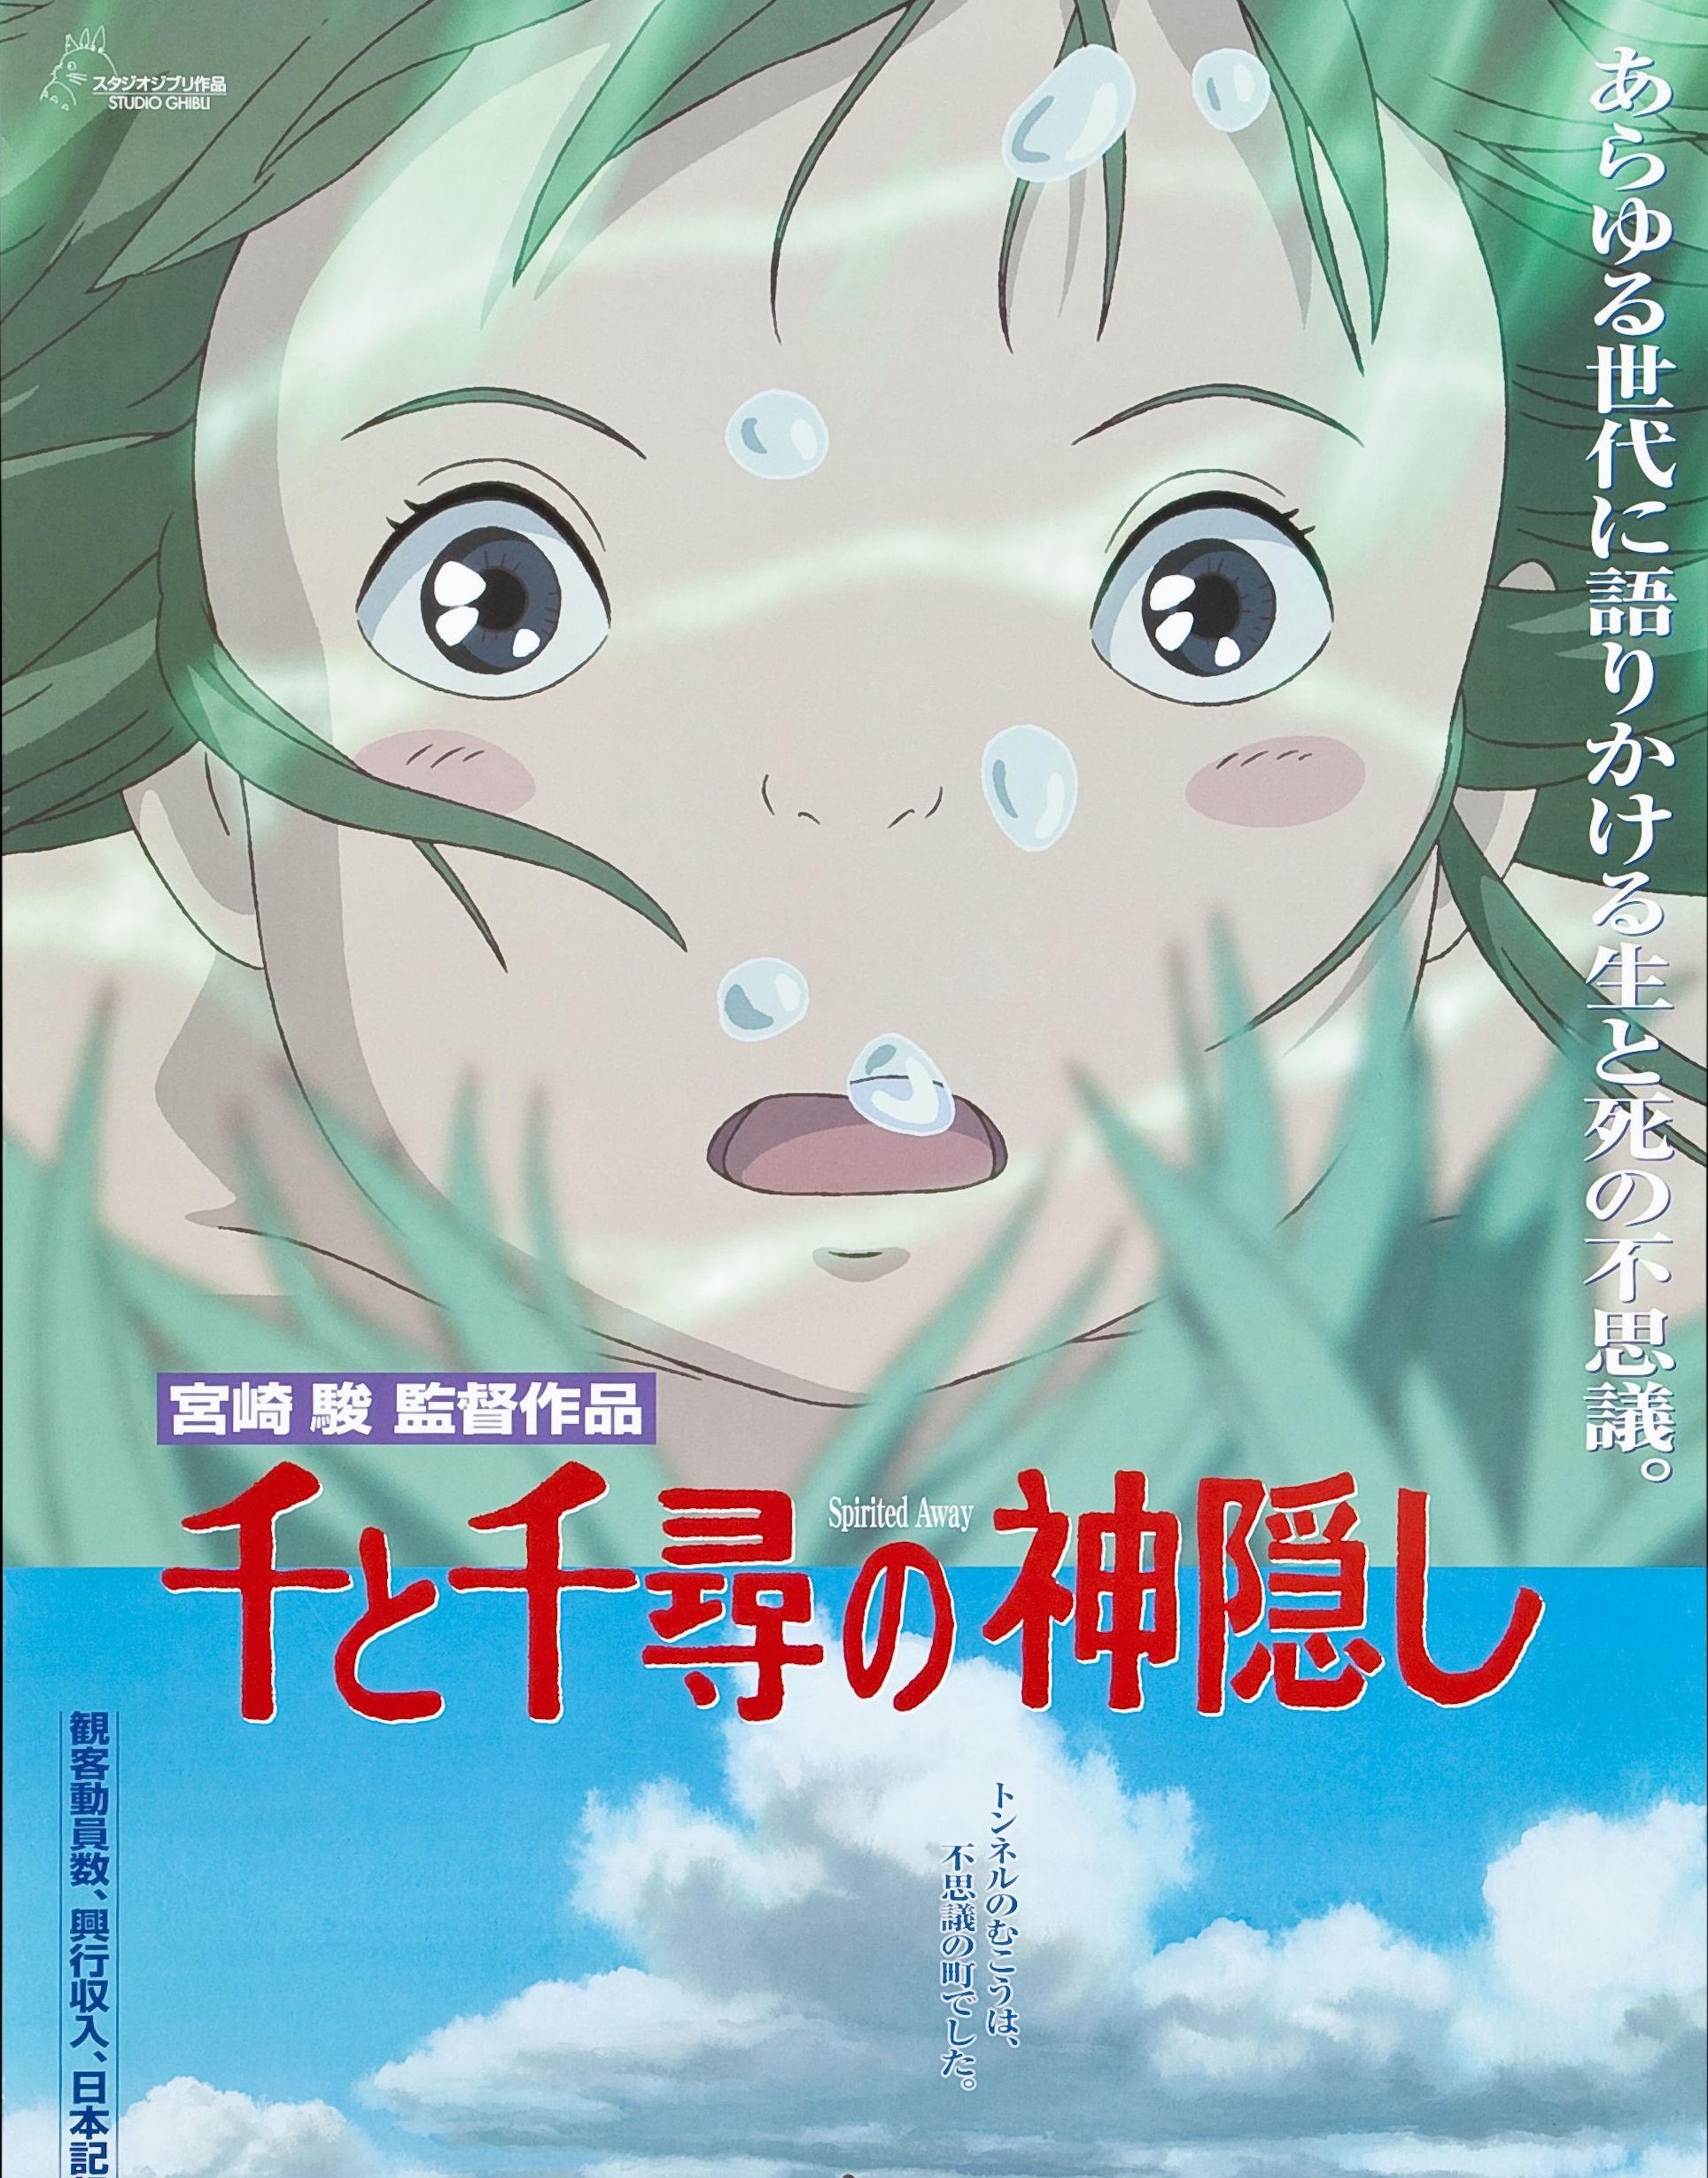 【完结】宫崎骏系列(19部剧场动画)BD1080p